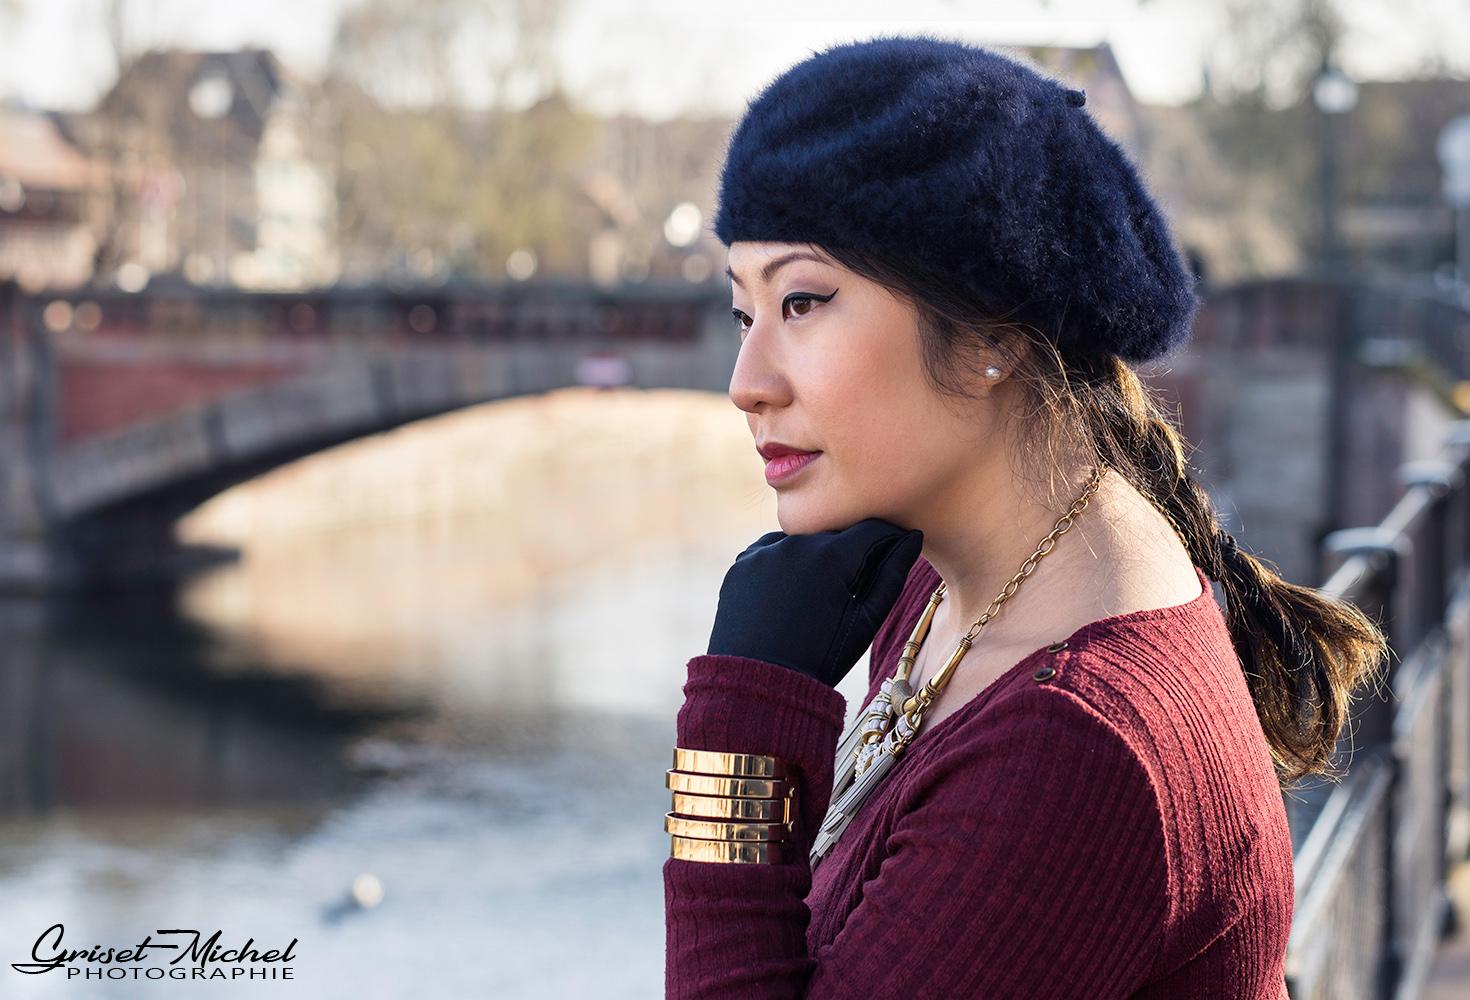 shooting sur strasbourg une femme accoudee a une barriere avec ses gants assorties au chapeau